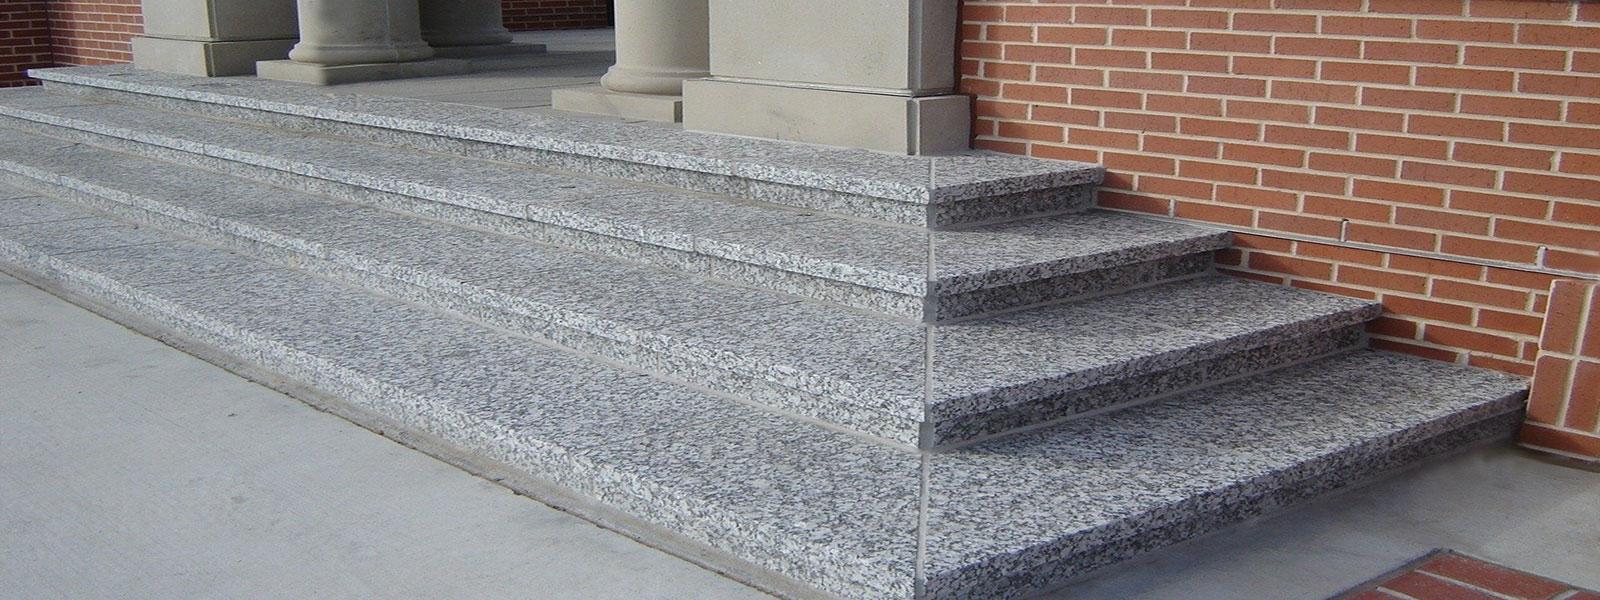 mẫu đá lát bậc tam cấp đẹp